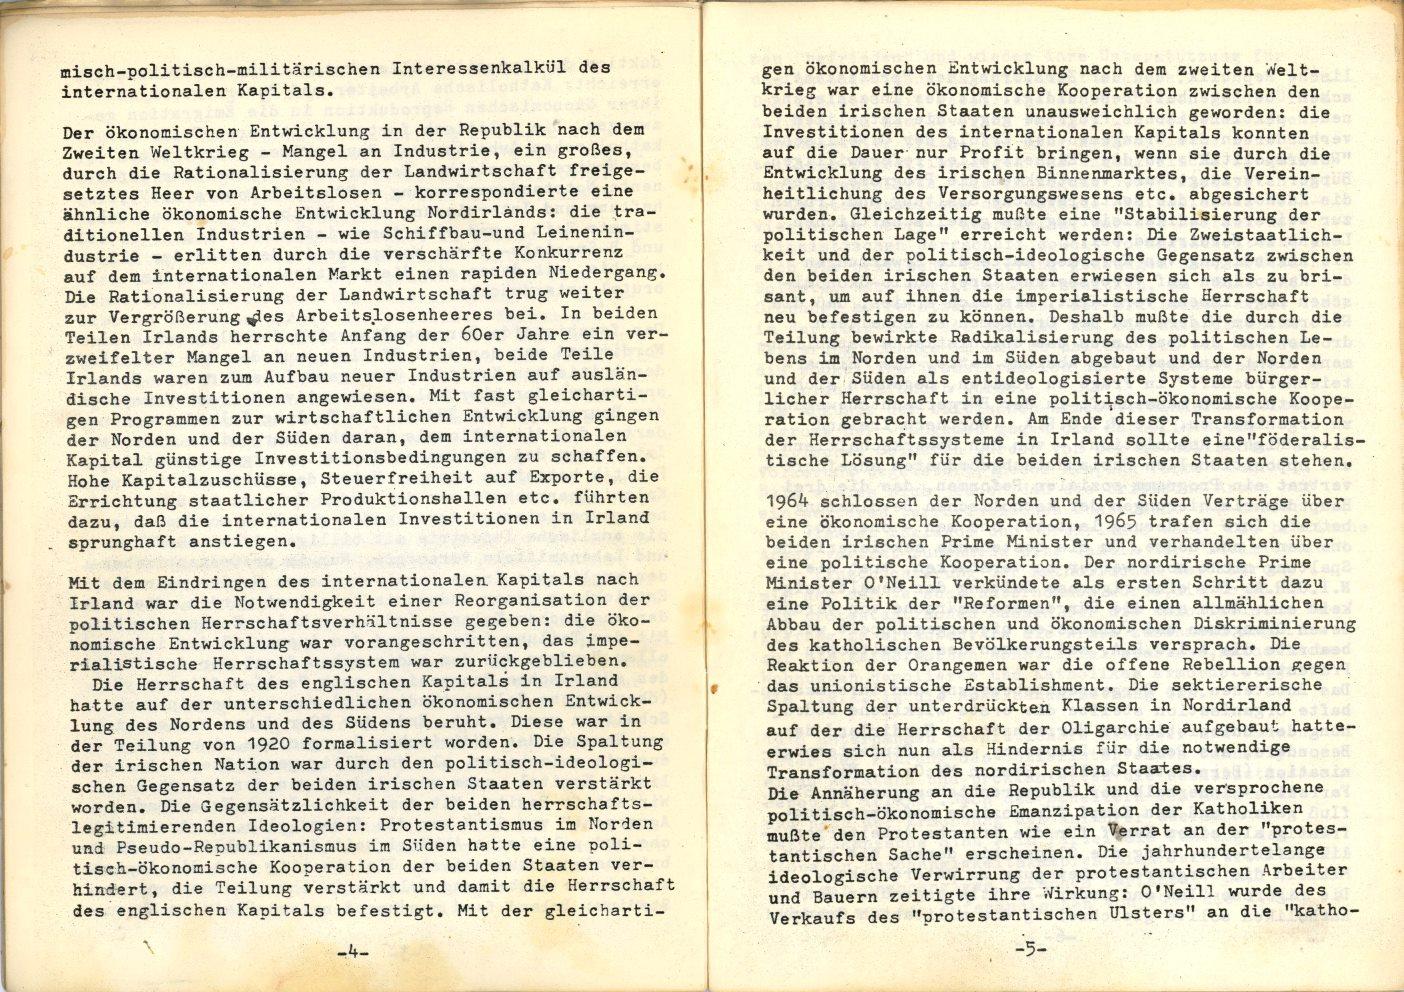 Berlin_Druckcooperative_1972_IRA_speaks_05